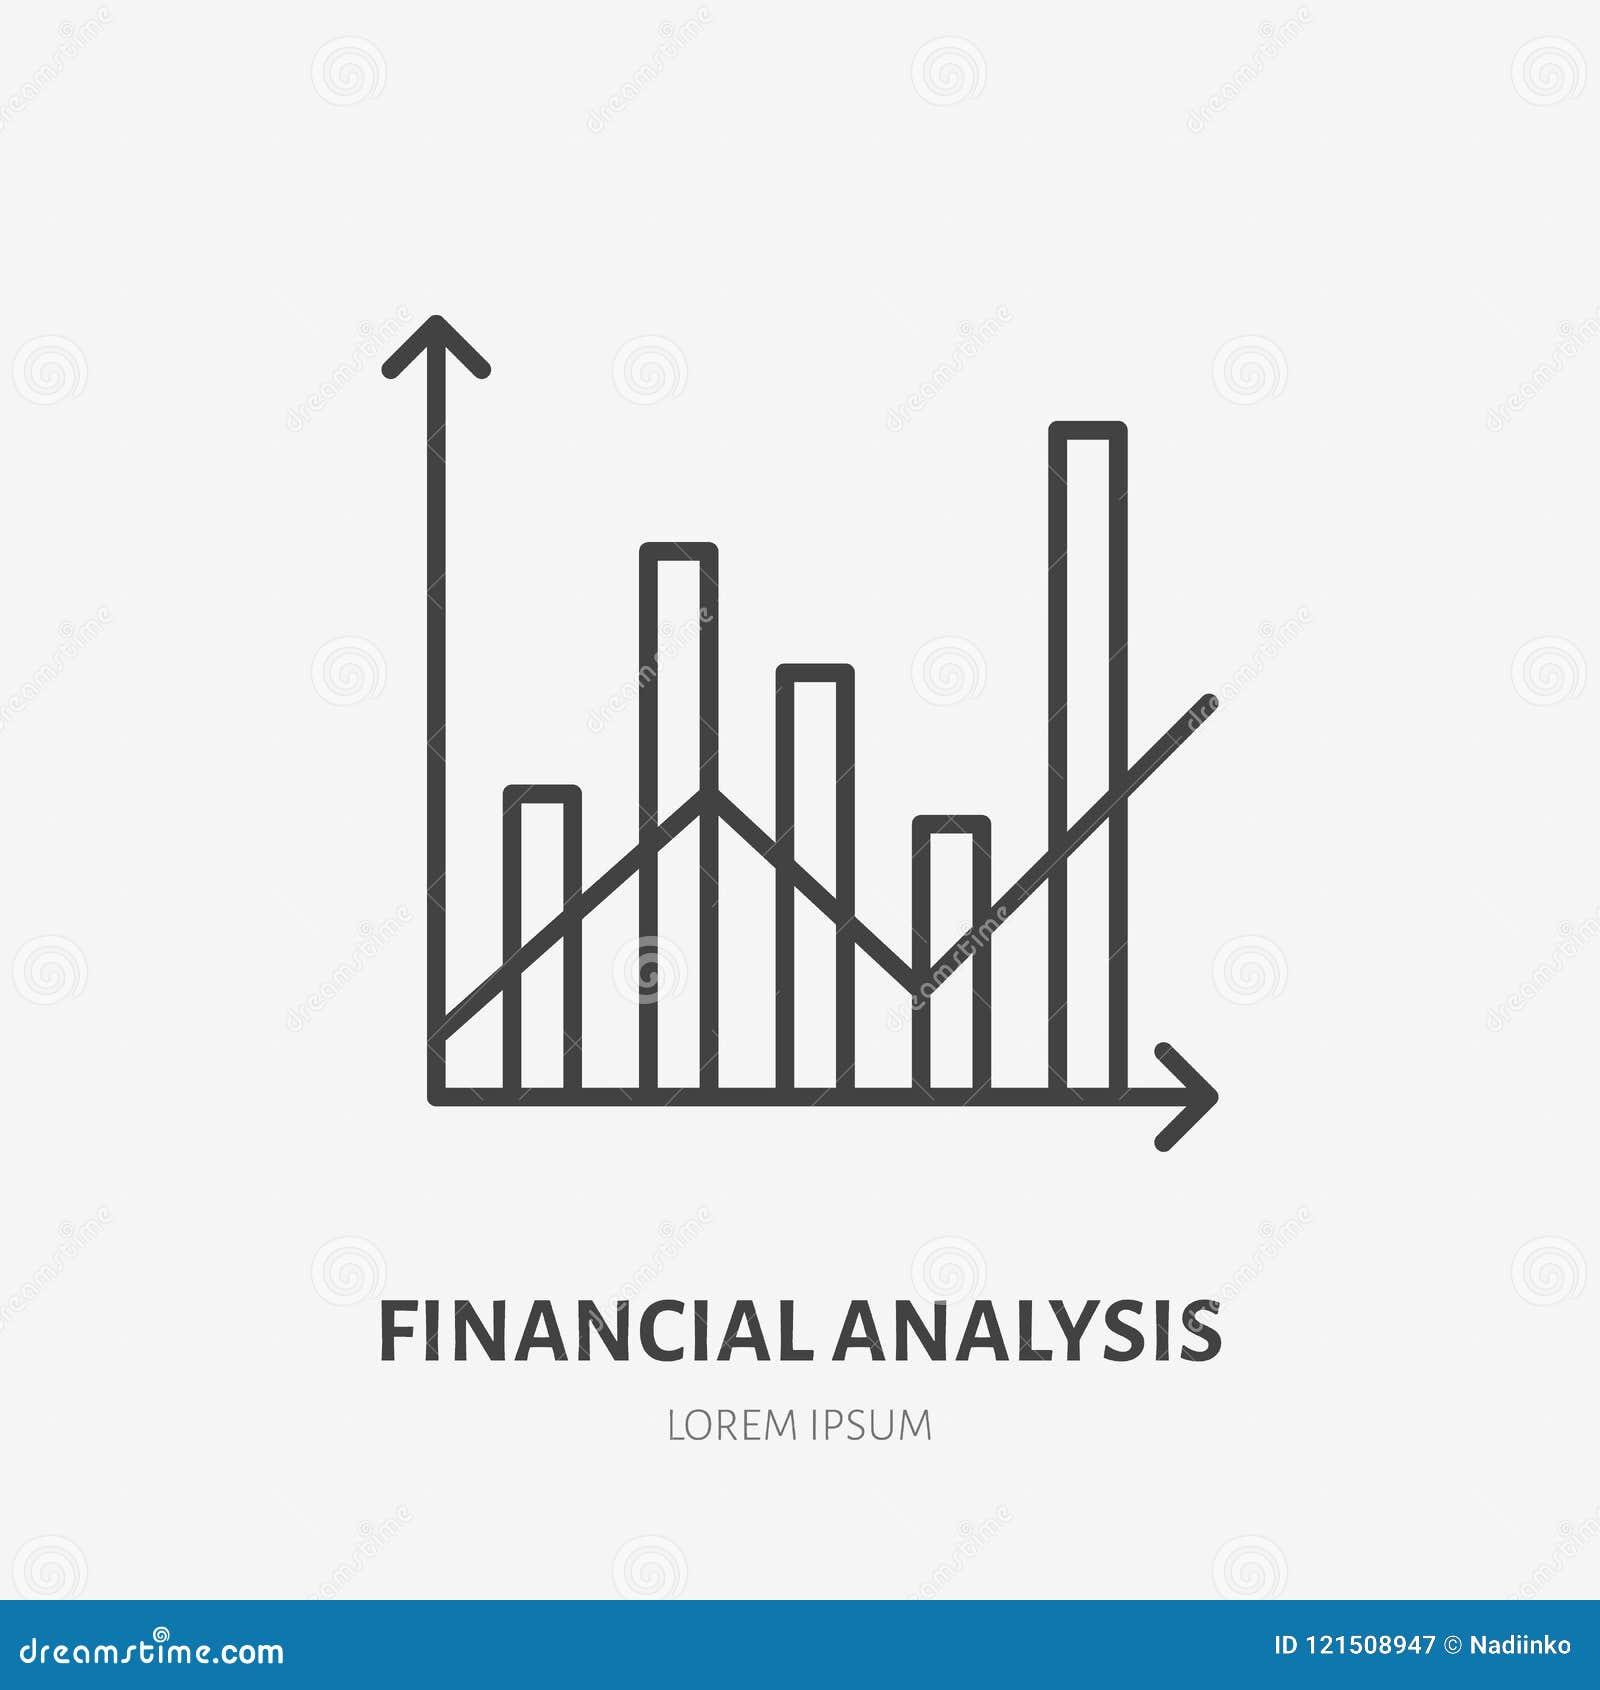 Οικονομικό επίπεδο λογότυπο ανάλυσης, διάγραμμα στηλών και εικονίδιο γραφικών παραστάσεων γραμμών Διανυσματική απεικόνιση απεικόν